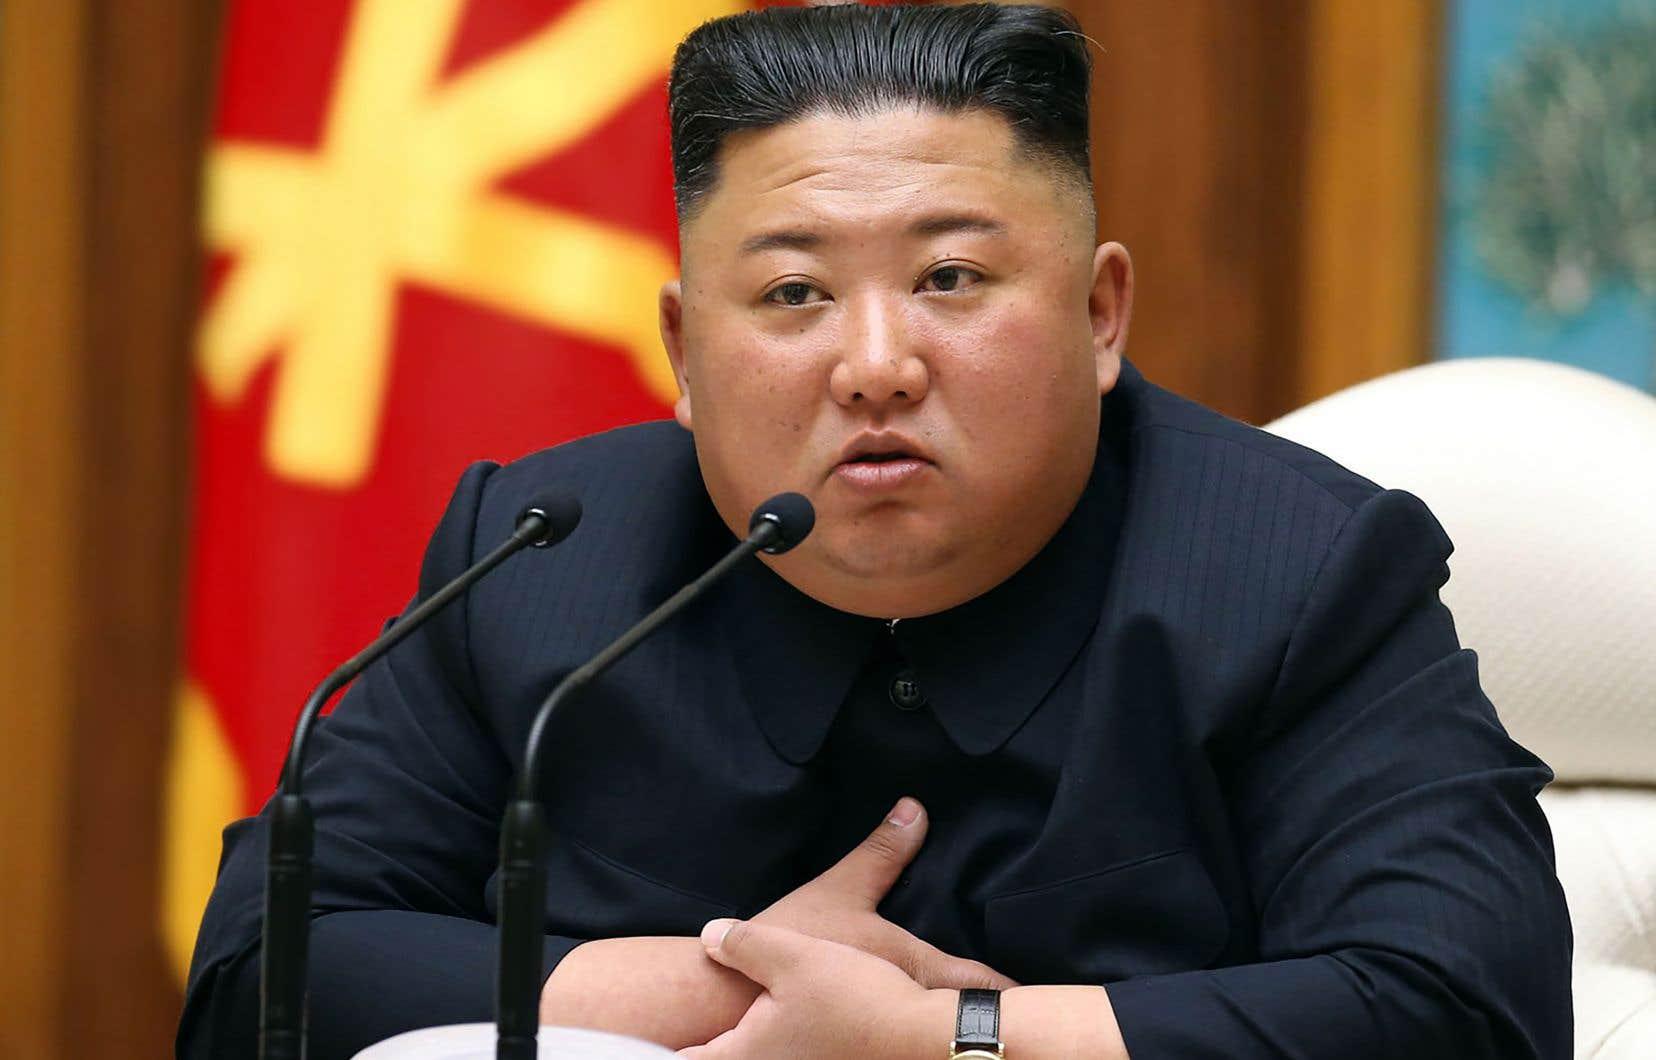 La dernière apparition publique de Kim Jong-un à avoir fait l'objet d'une couverture photo par les médias officiels remonte au 11avril dernier.